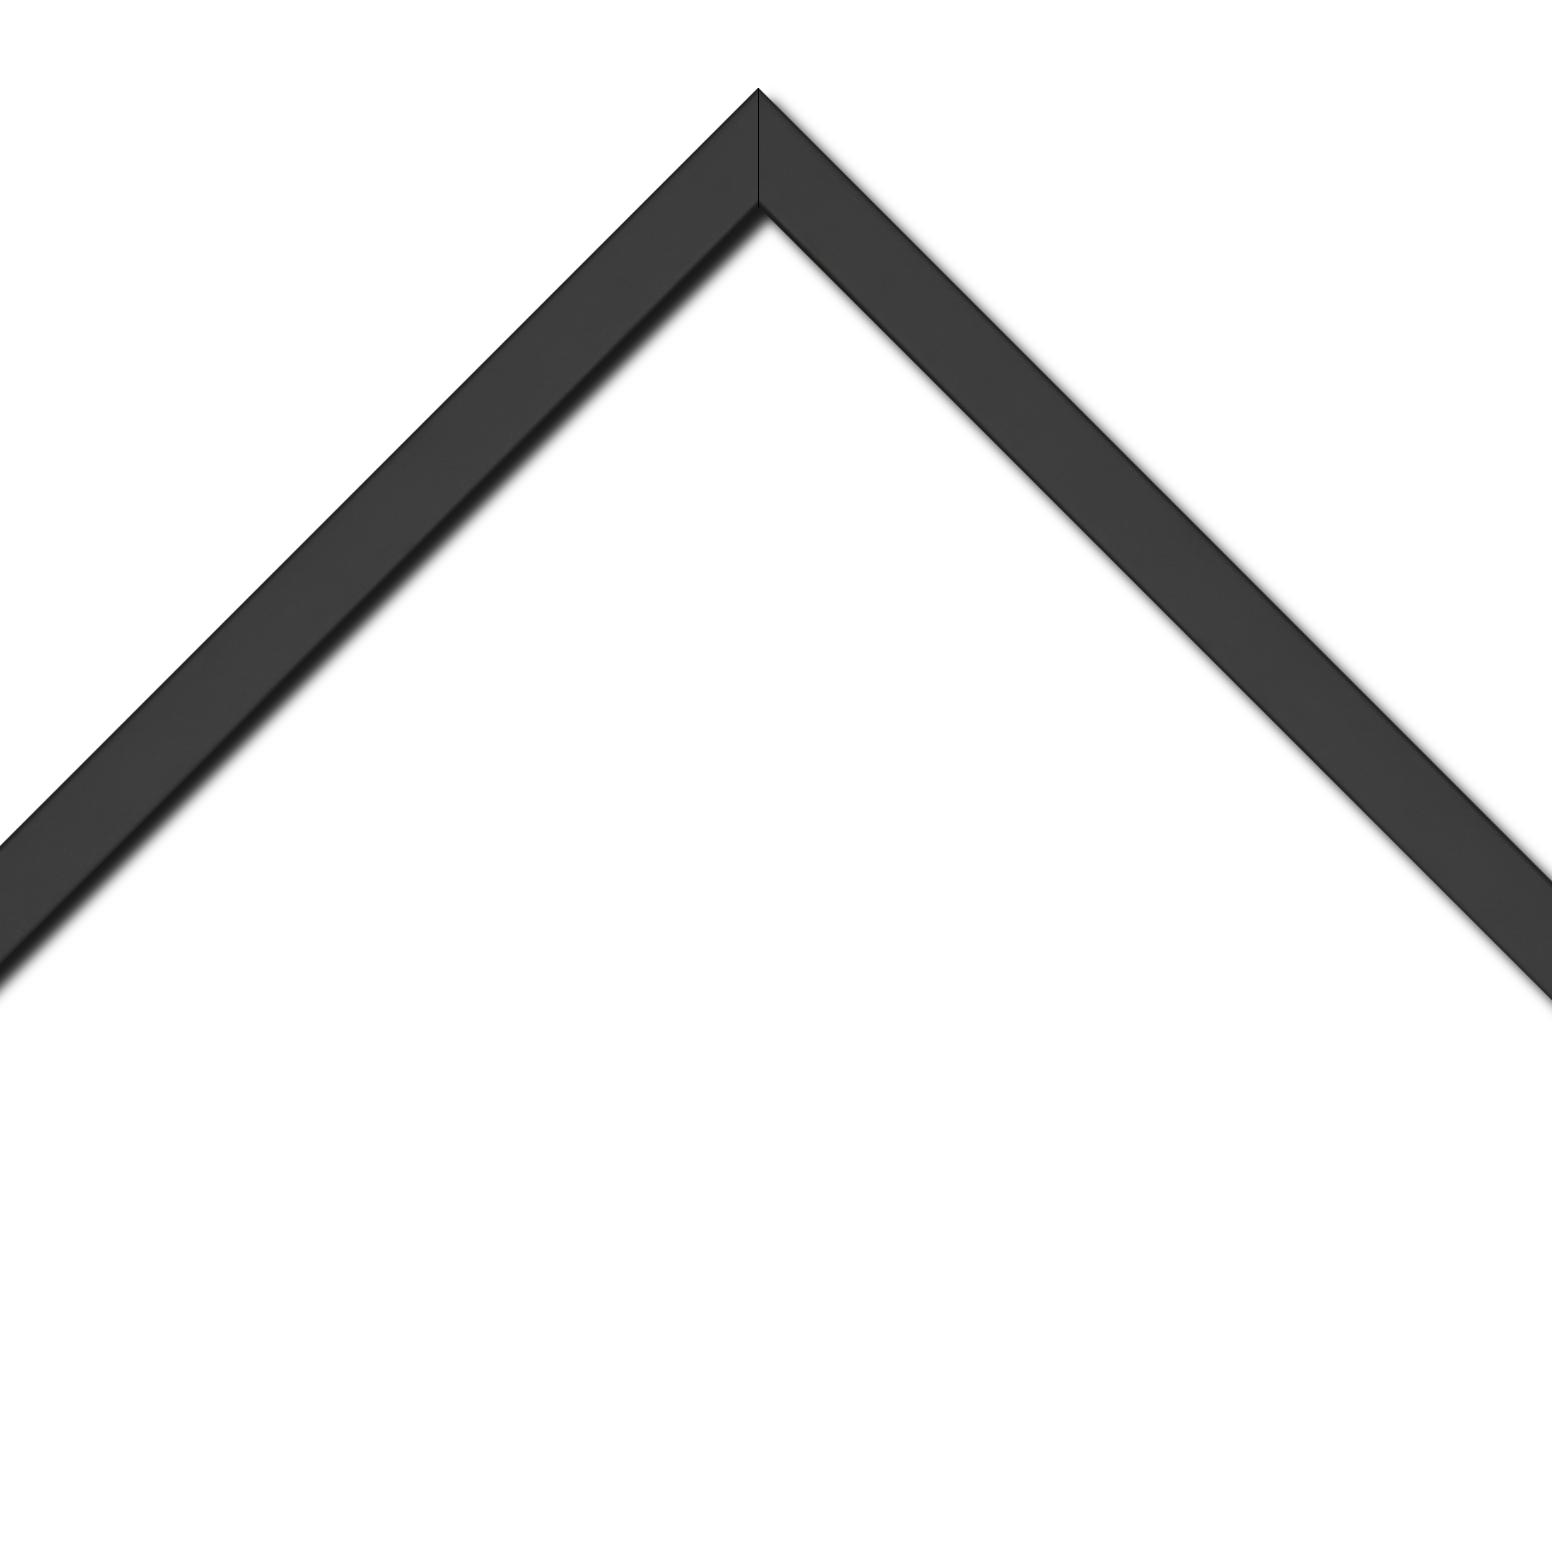 Baguette bois profil plat largeur 1.6cm couleur noir mat finition pore bouché